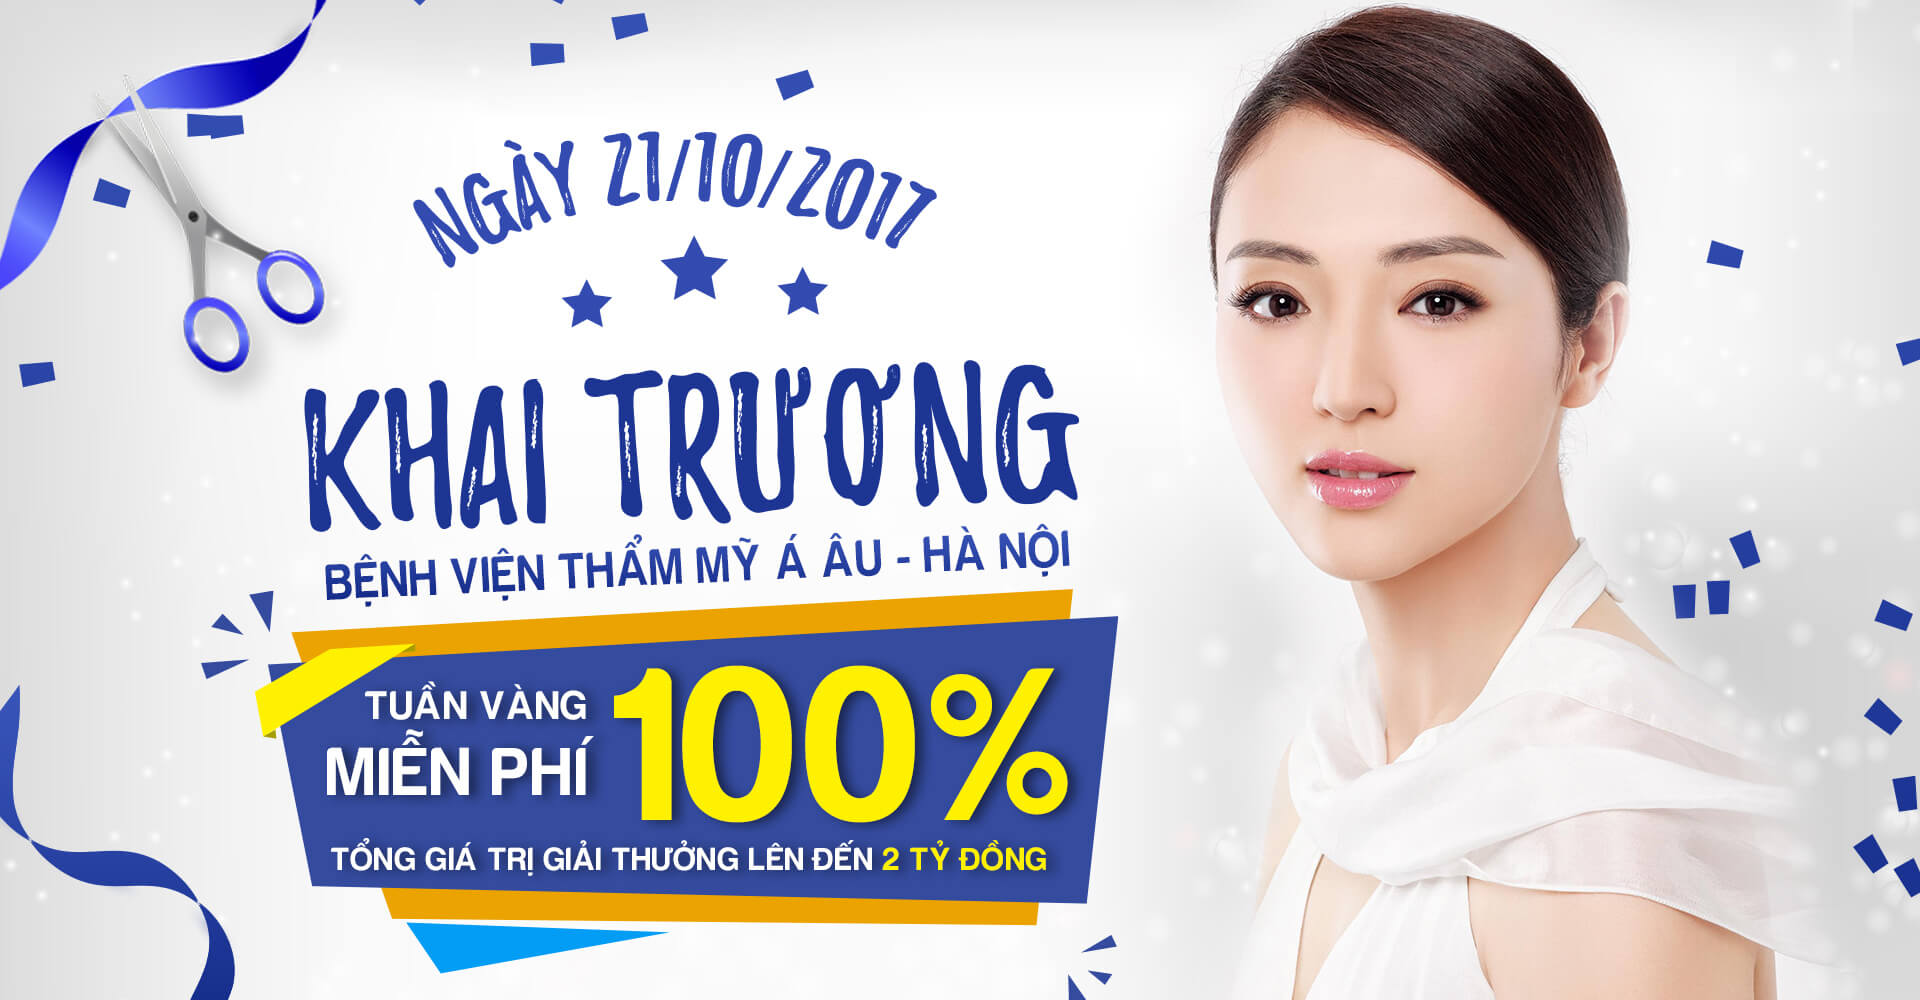 khai truong a au can tho